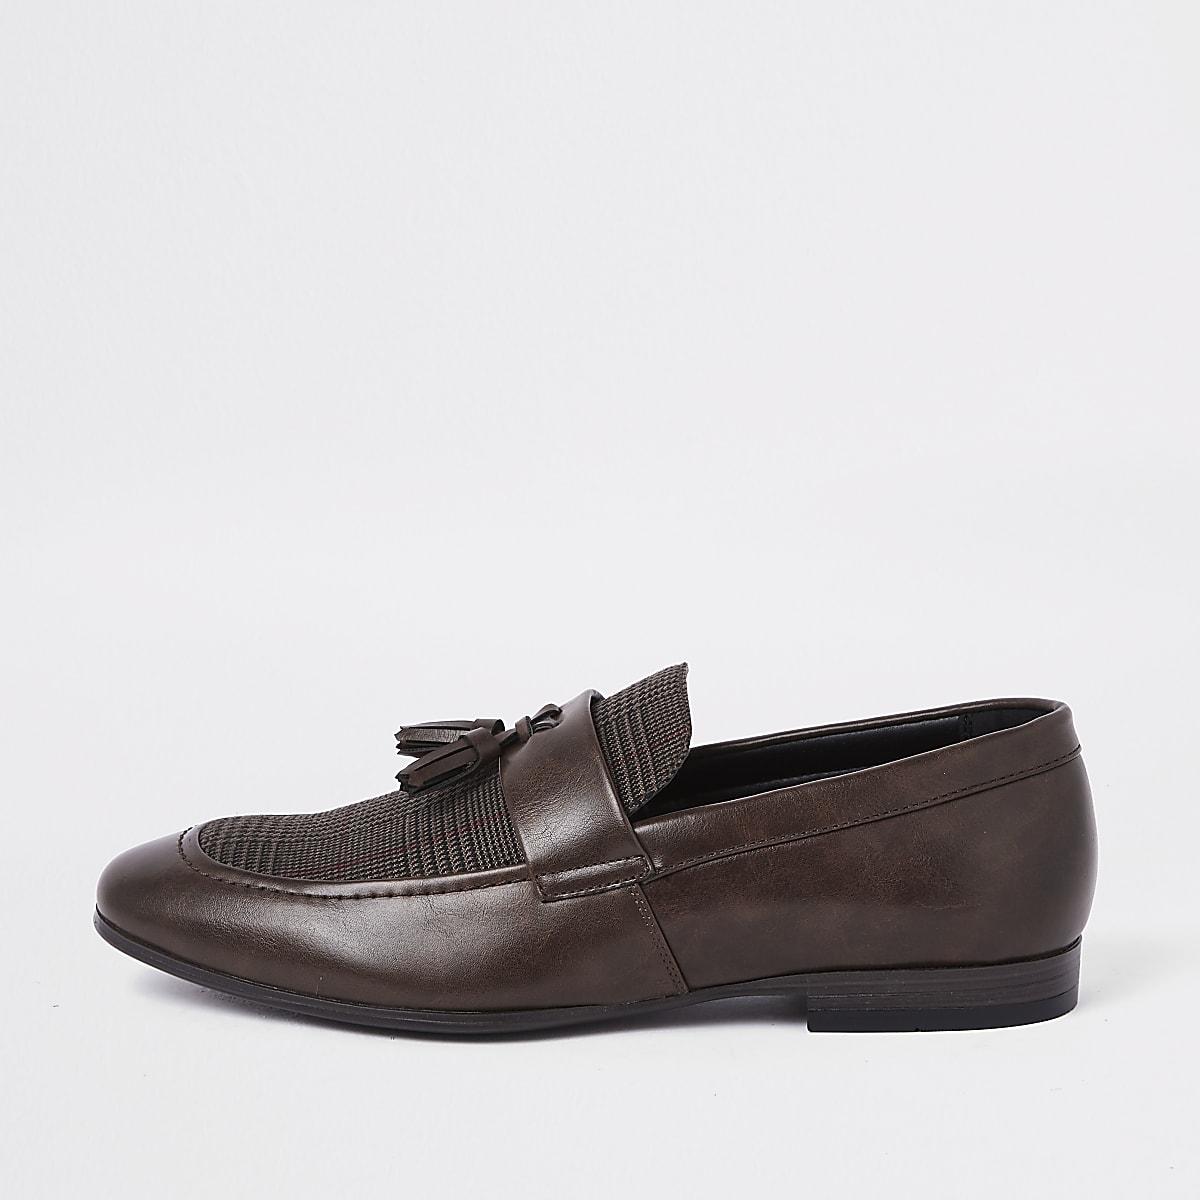 Bruine loafers met ruitenprint en kwastjes